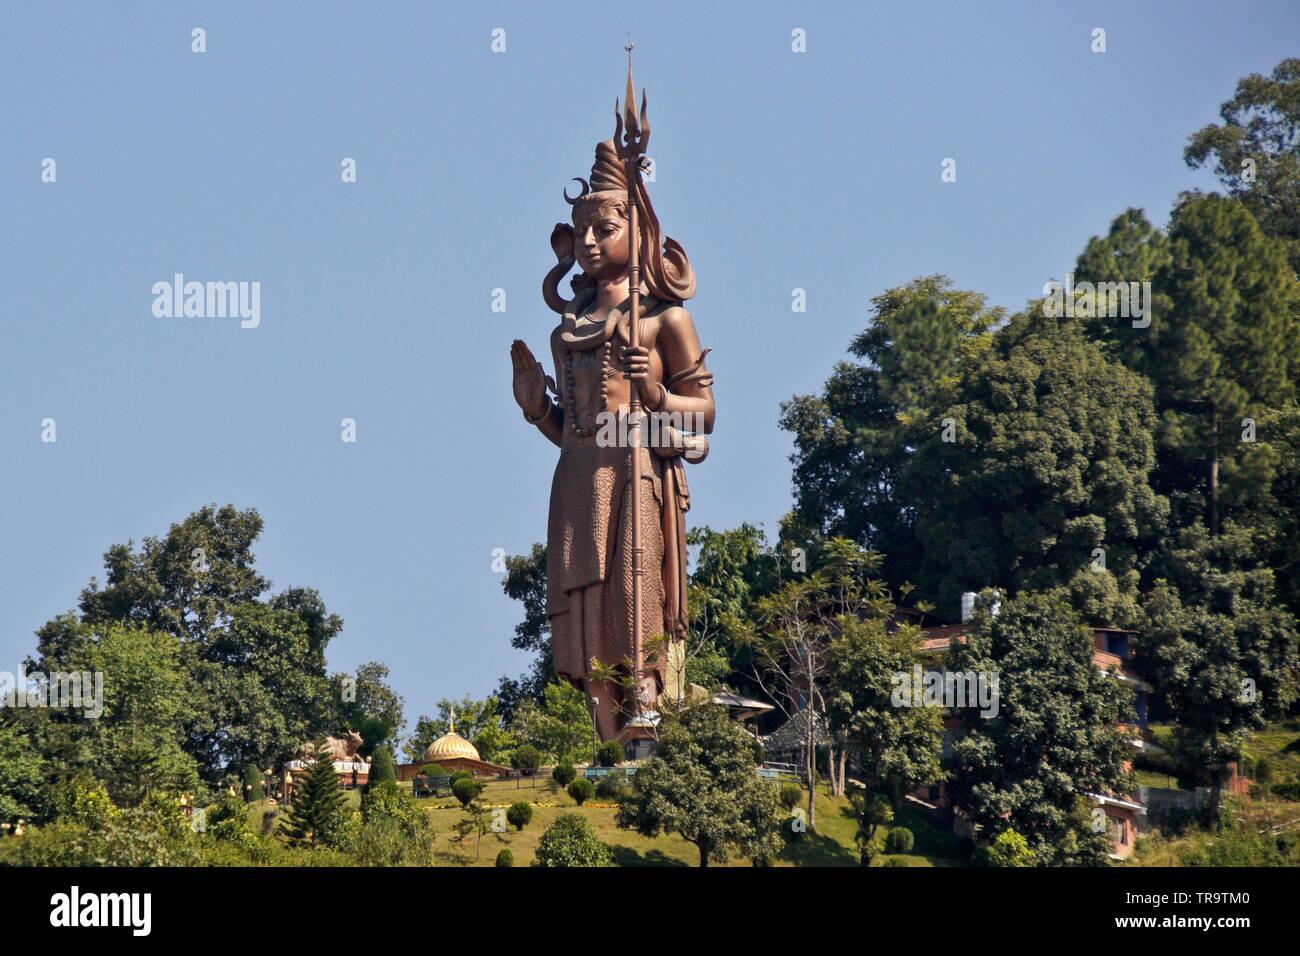 Large copper statue of Kailashnath Mahadev, designed to resemble images of the Hindu god Lord Shiva, Sanga, Nepal - Stock Image